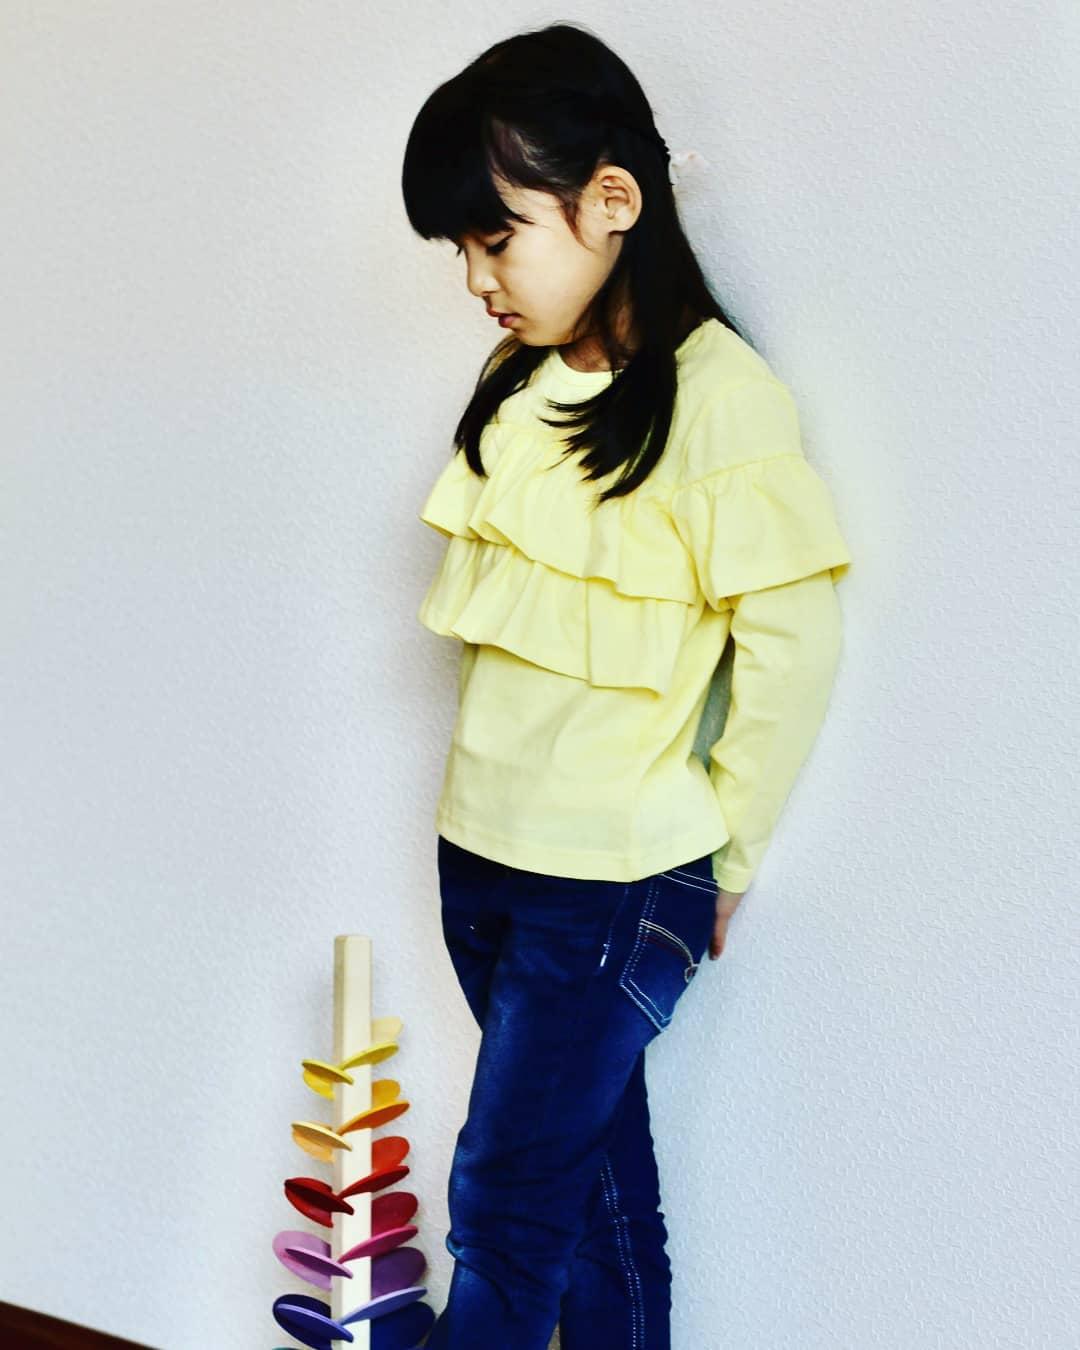 口コミ投稿:ニッセンの綿100%長袖トップス💕黄色も春らしい柔らかな色味で、フリルも可愛い🥰ズボ…